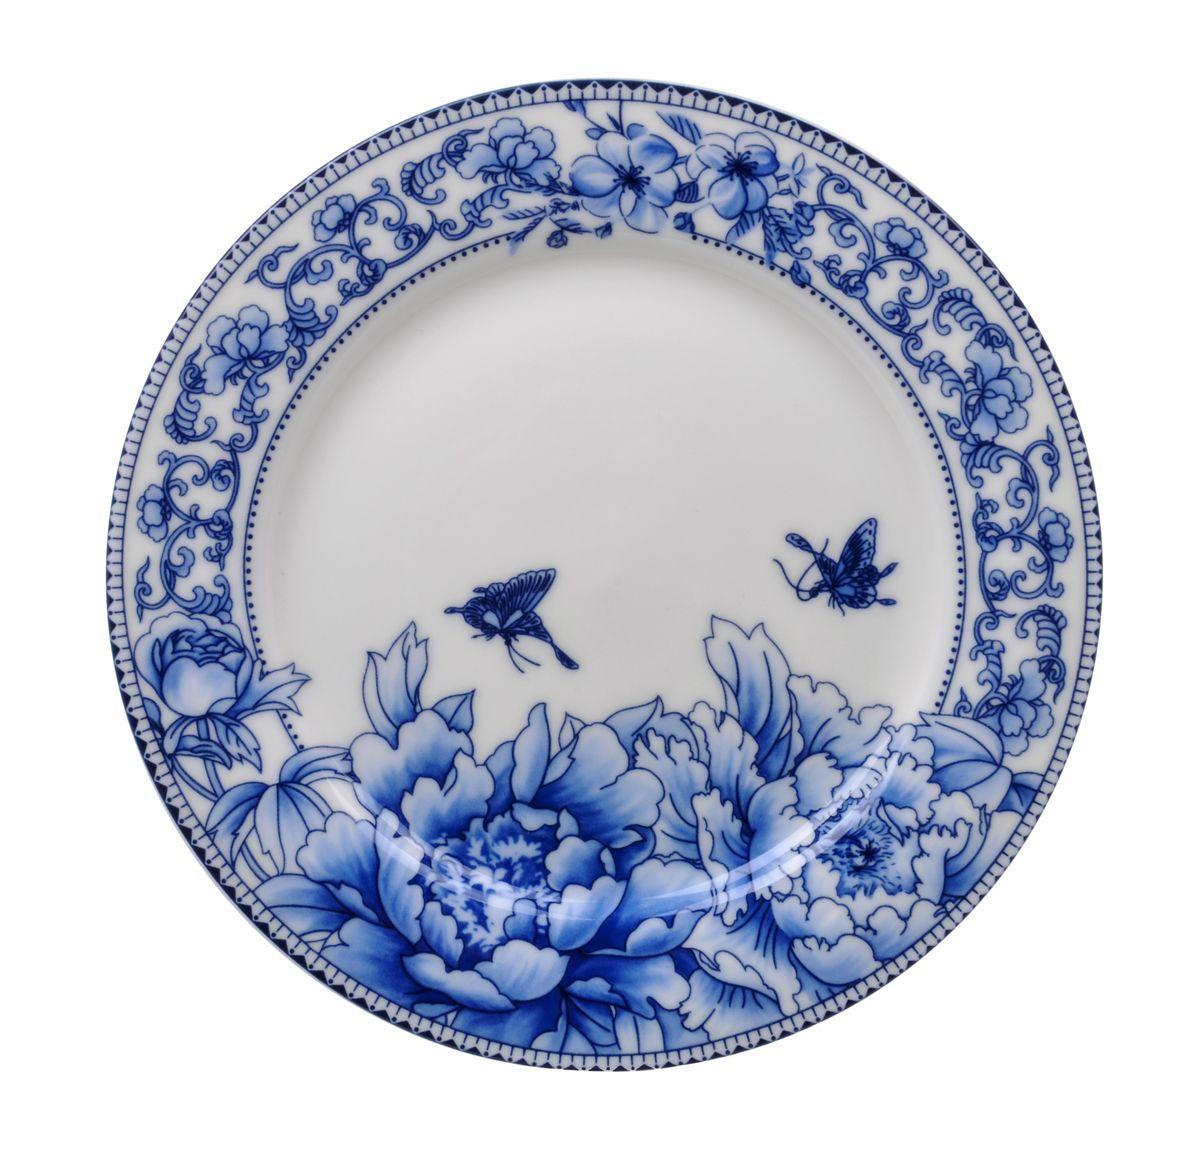 Тарелка десертная Nanshan Porcelain Наньшань, диаметр 19 смGNNSNN007Тарелка десертная Nanshan Porcelain Наньшань изготовлена из высококачественной керамики. Предназначена для красивой подачи различных блюд. Изделие украшено ярким рисунком.Такая тарелка украсит сервировку стола и подчеркнет прекрасный вкус хозяйки. Можно мыть в посудомоечной машине и использовать в микроволновой печи.Диаметр: 19 см. Высота: 1,5 см.